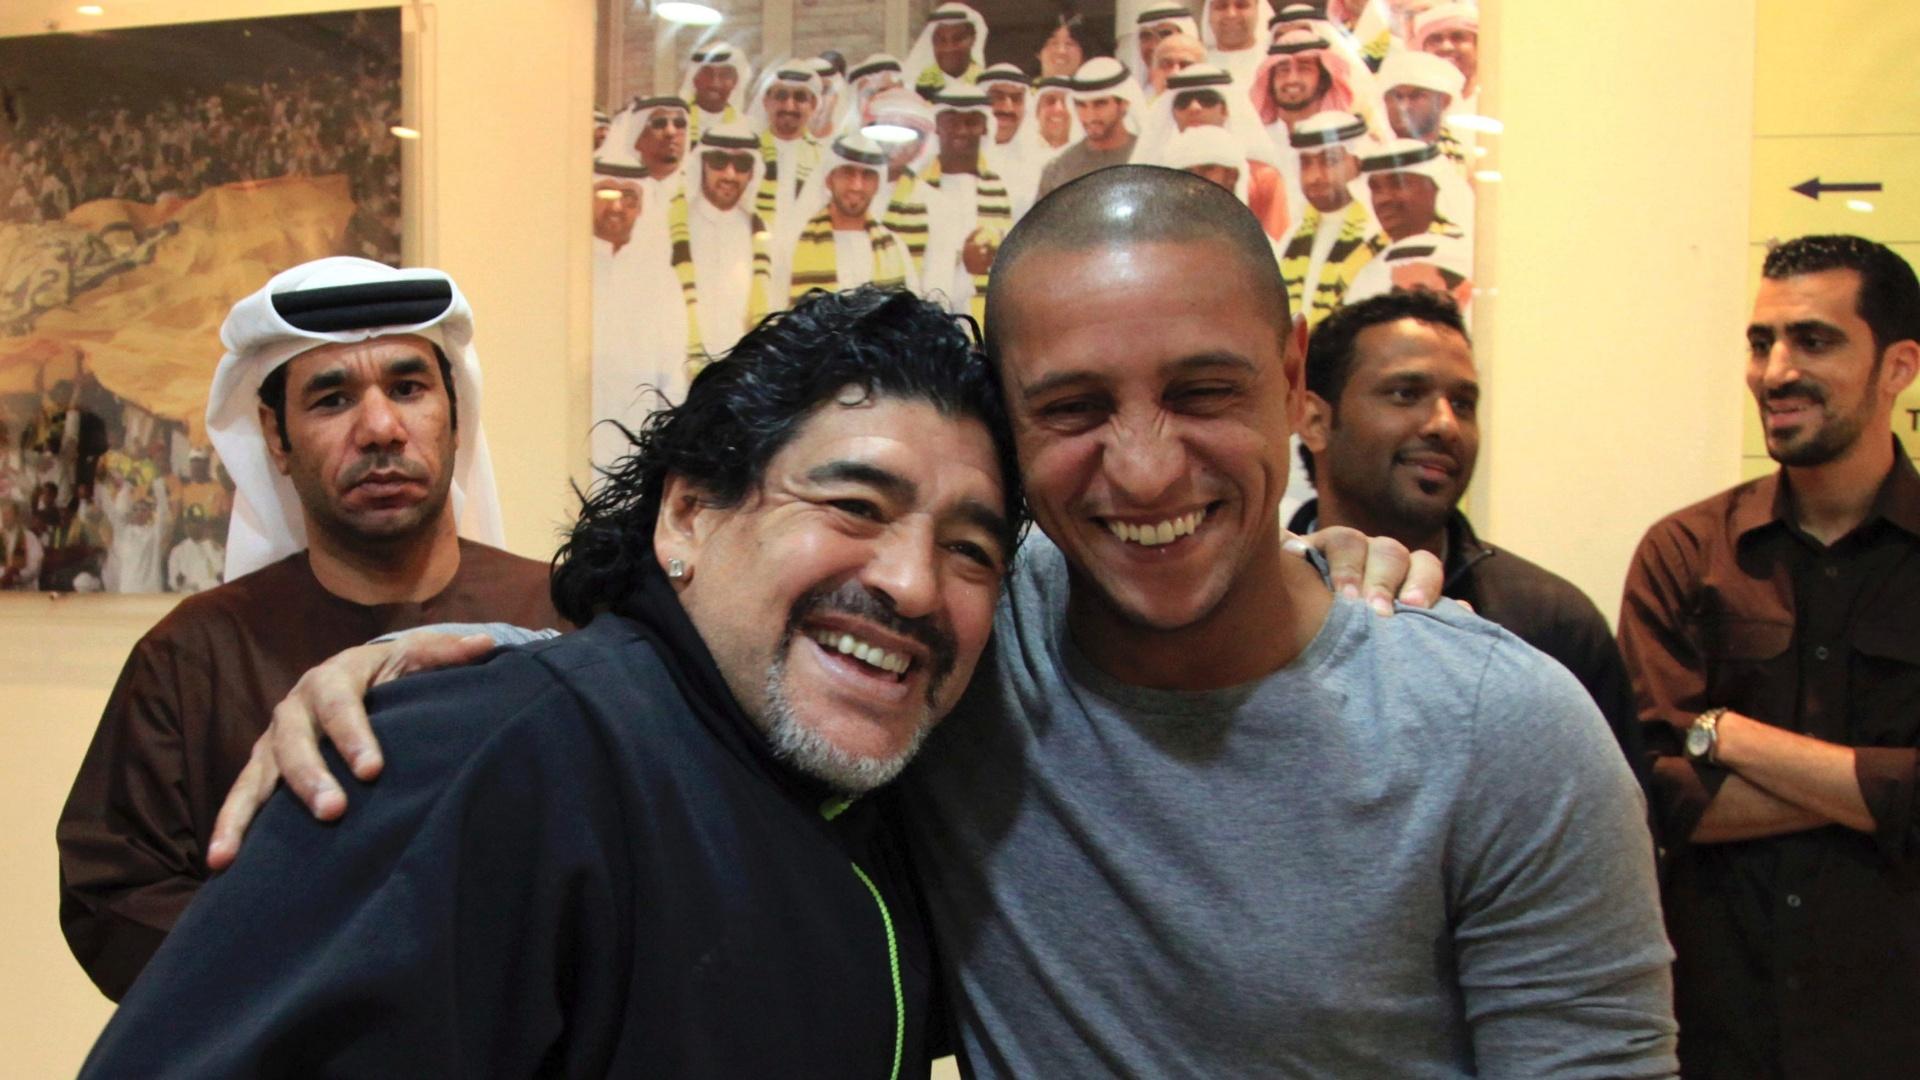 Diego Armando Maradona e Roberto Carlos, en Dubai, nos Emirados Árabes Unidos (19/01/2012)